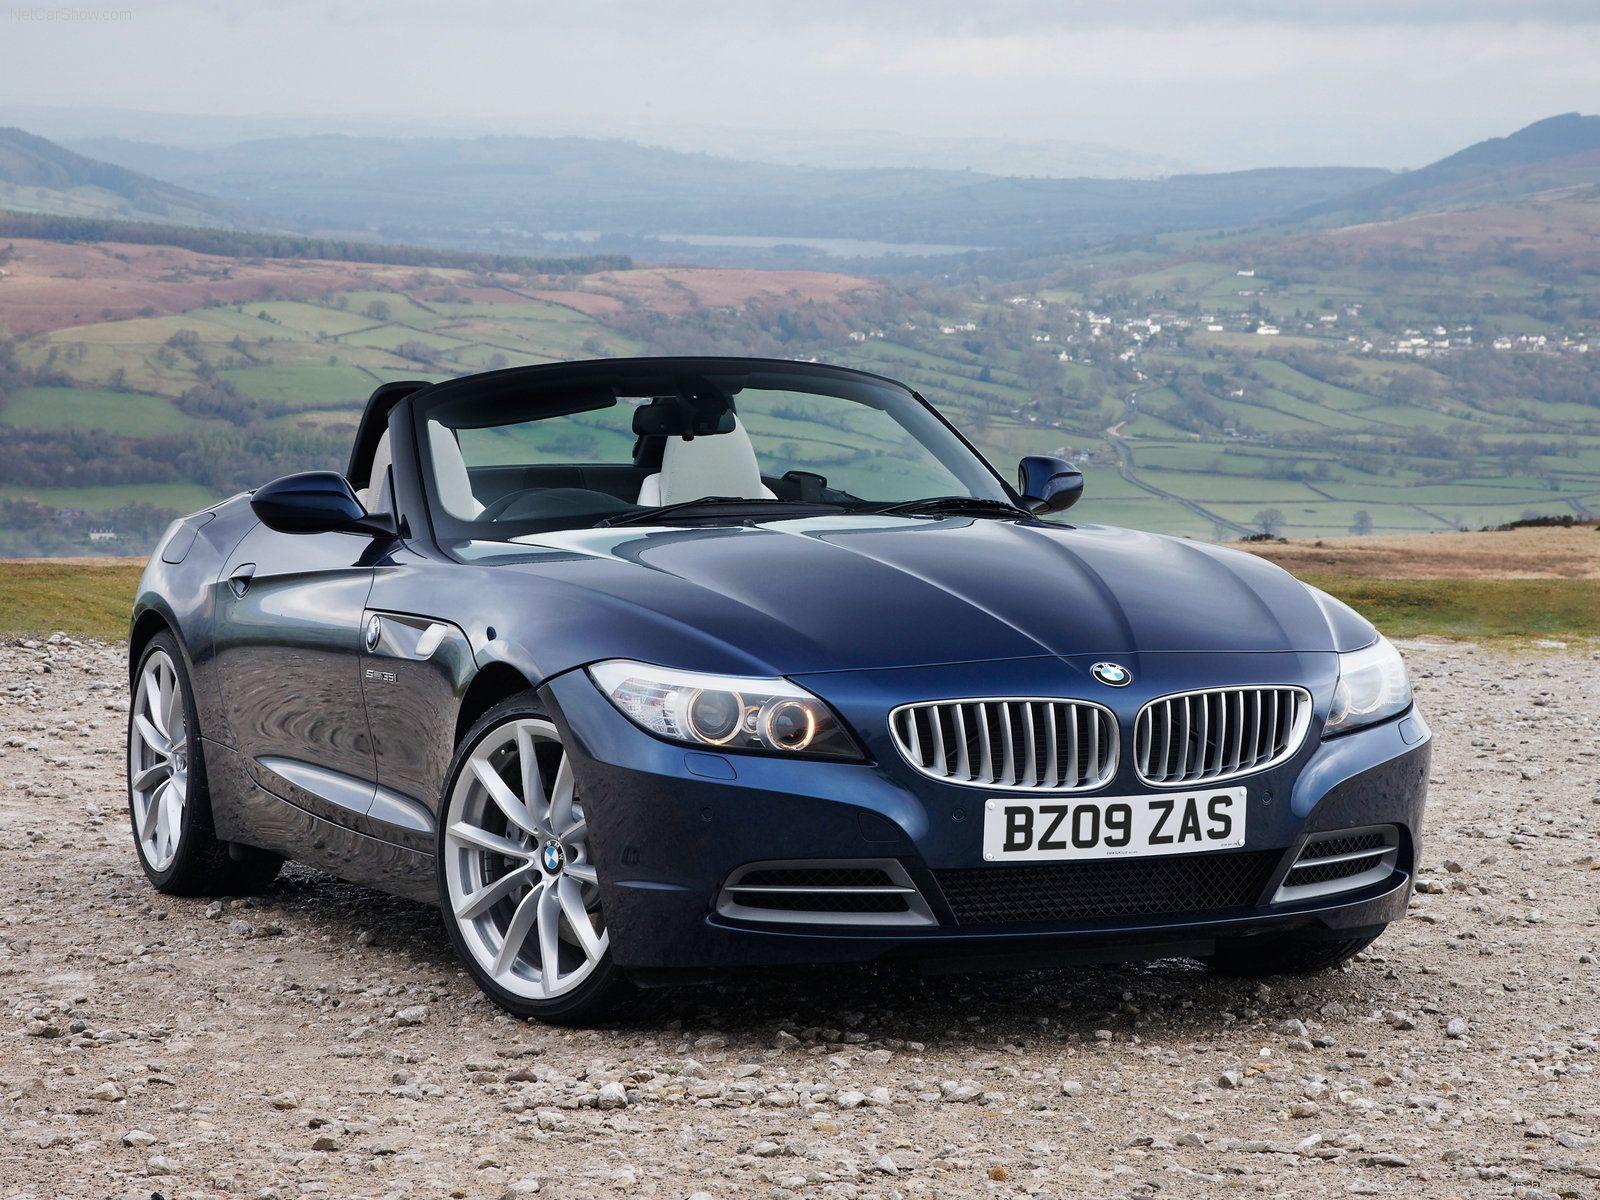 BMW Z4 Belle voiture, Voiture, Cabriolet